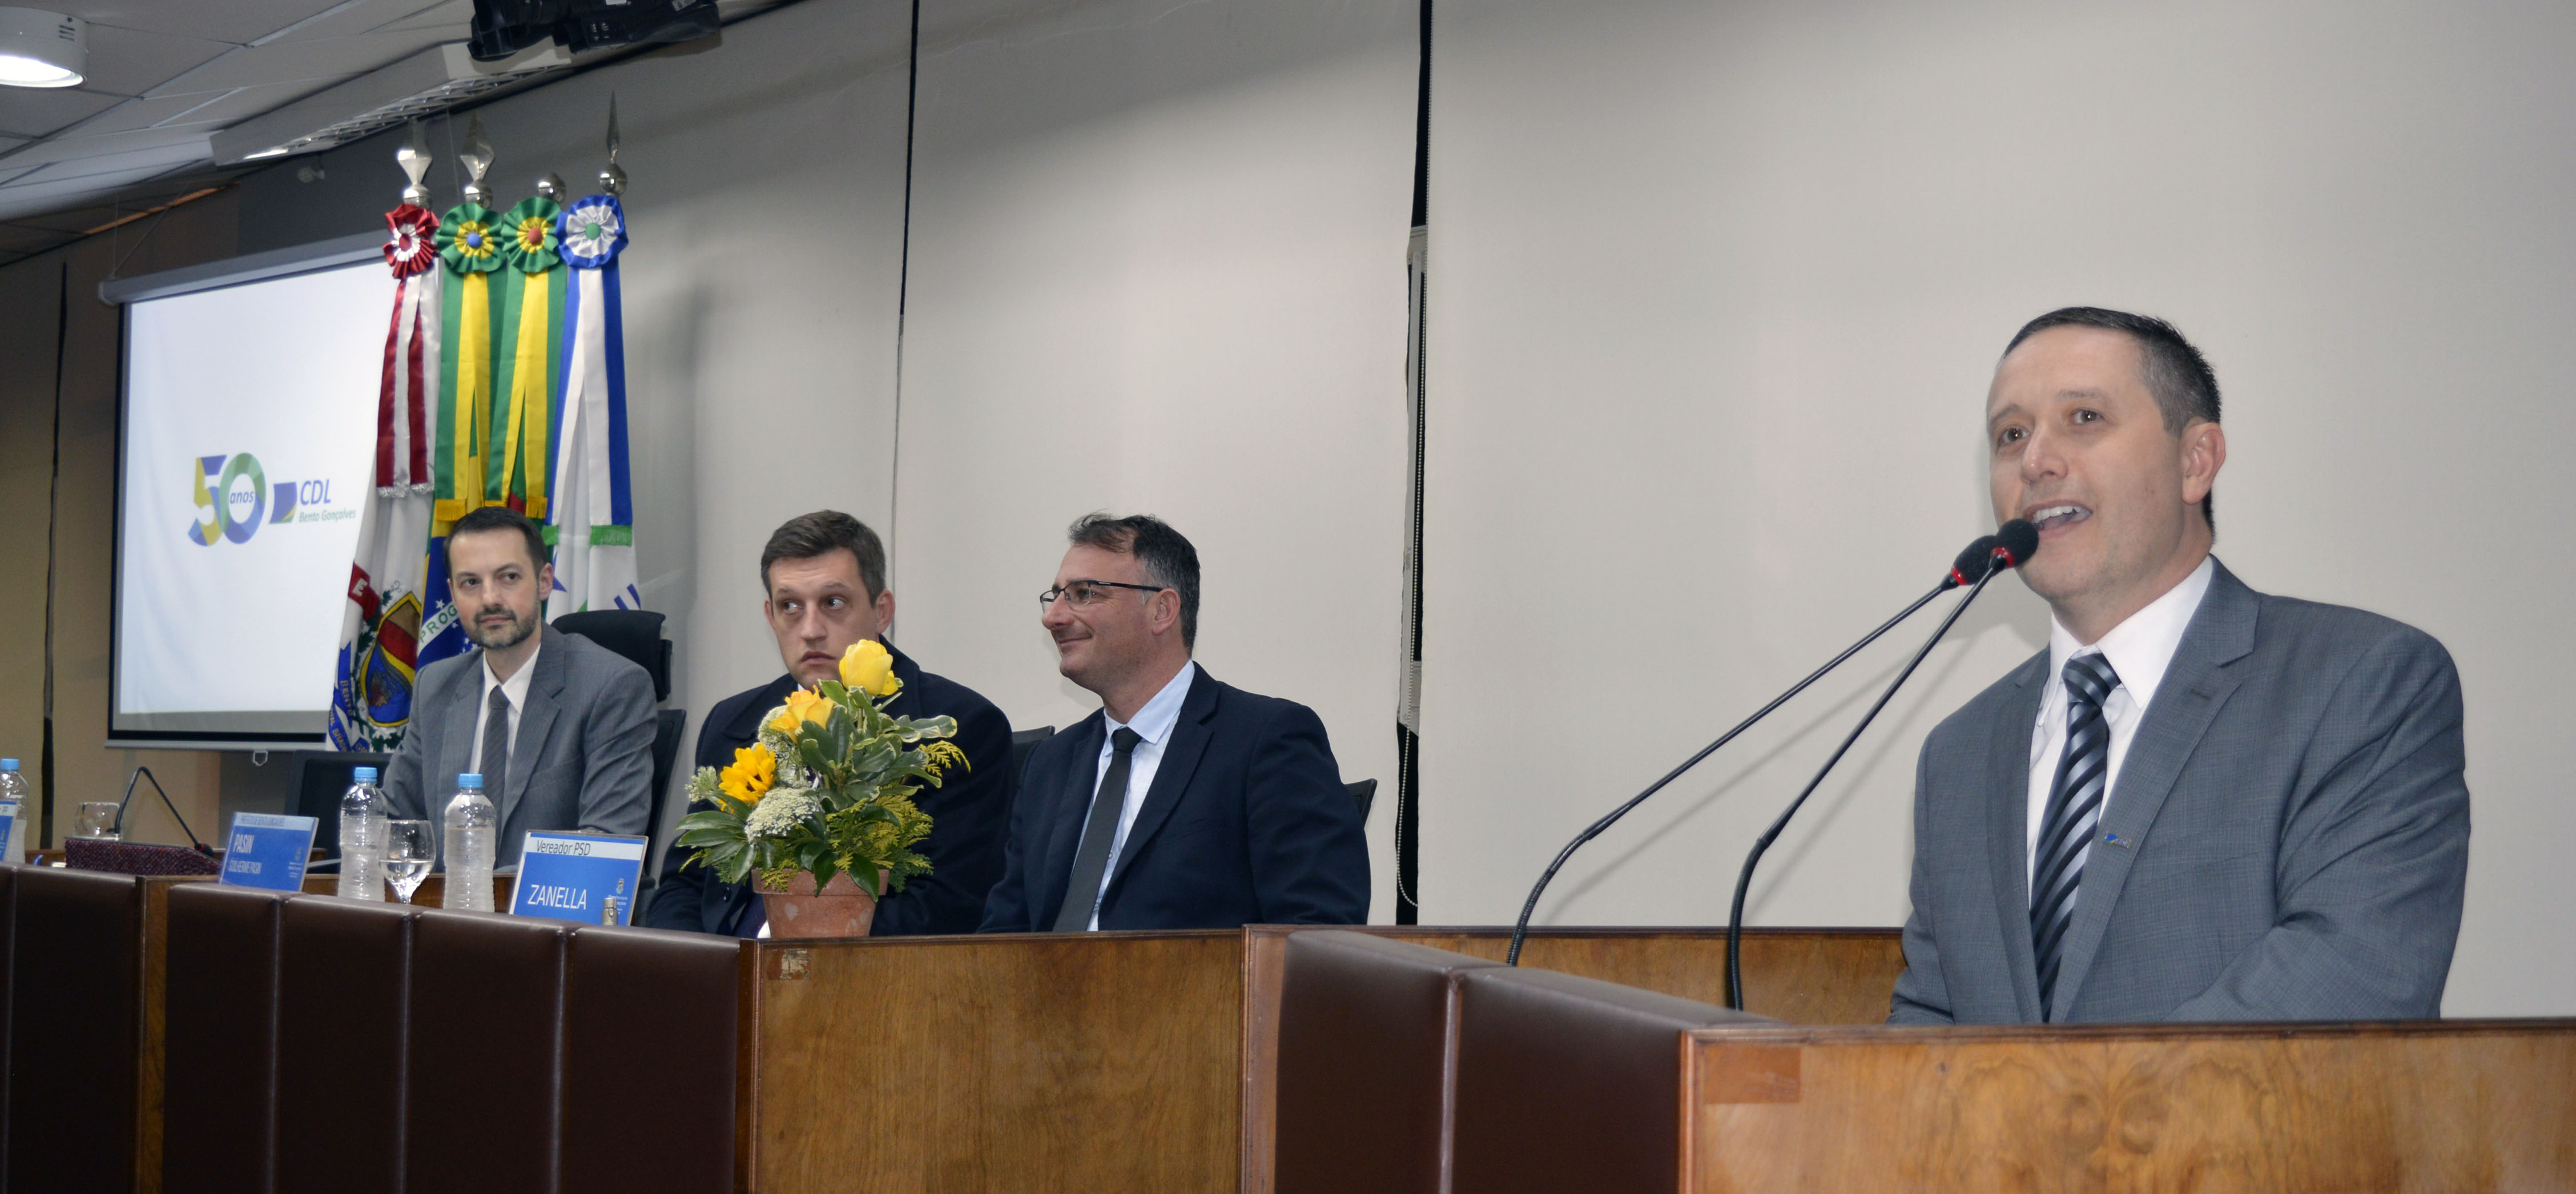 CDL-BG Recebe Portaria De Louvor Em Homenagem Aos Seus 50 Anos